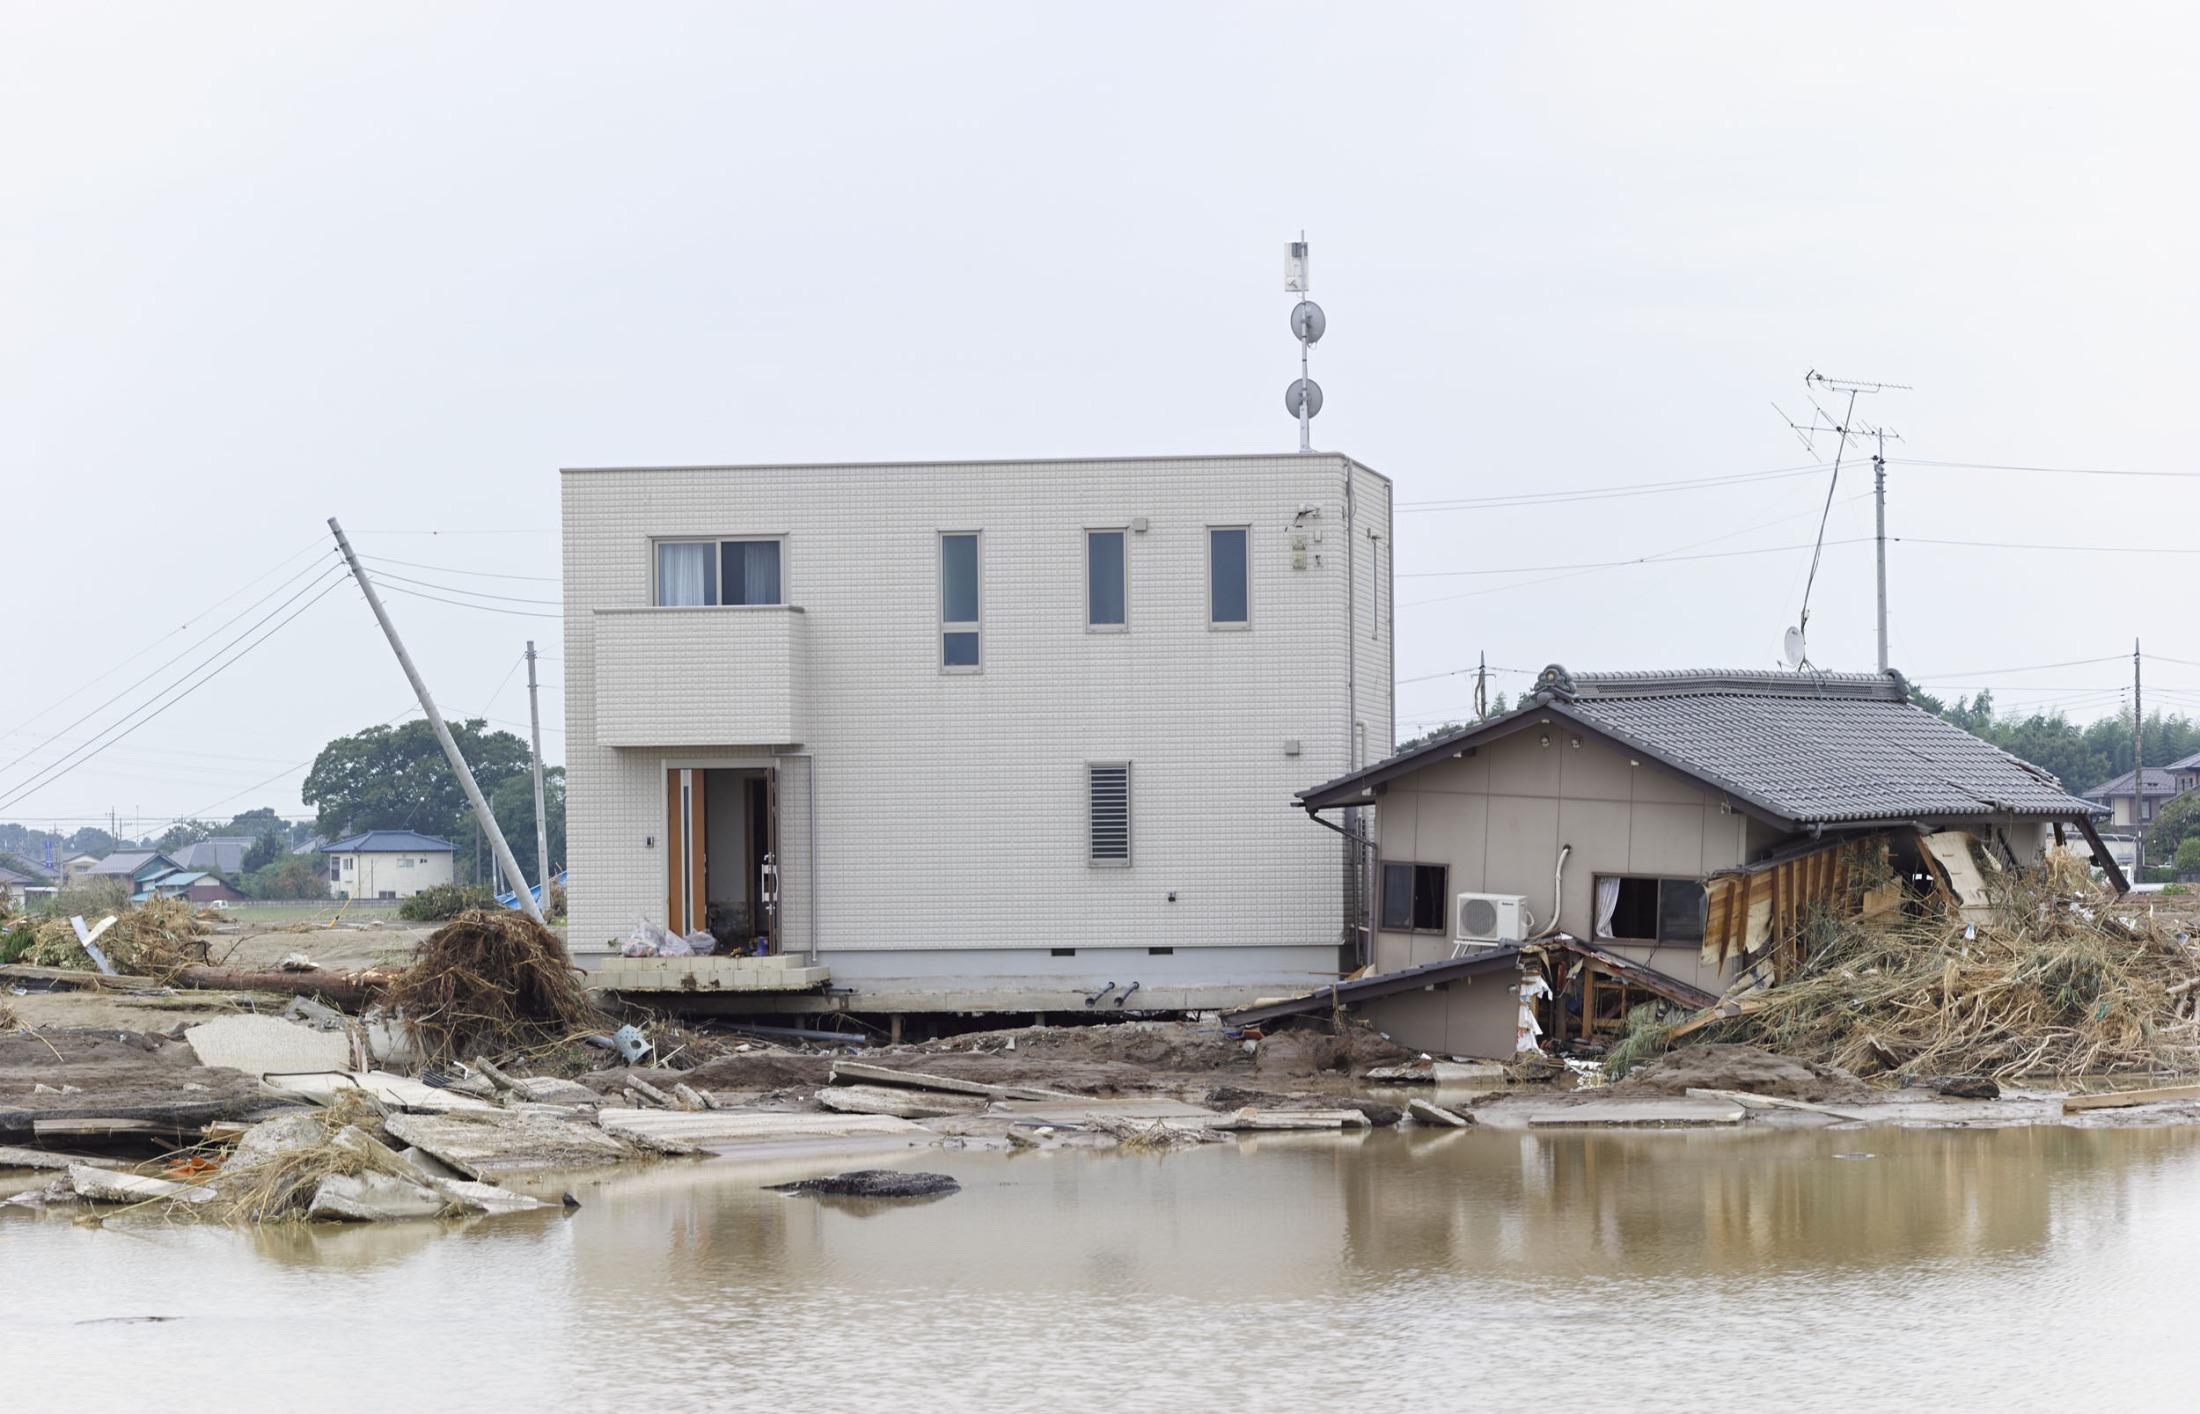 濁流を耐えた「白い家」に見る、災害に強い基礎の作り方